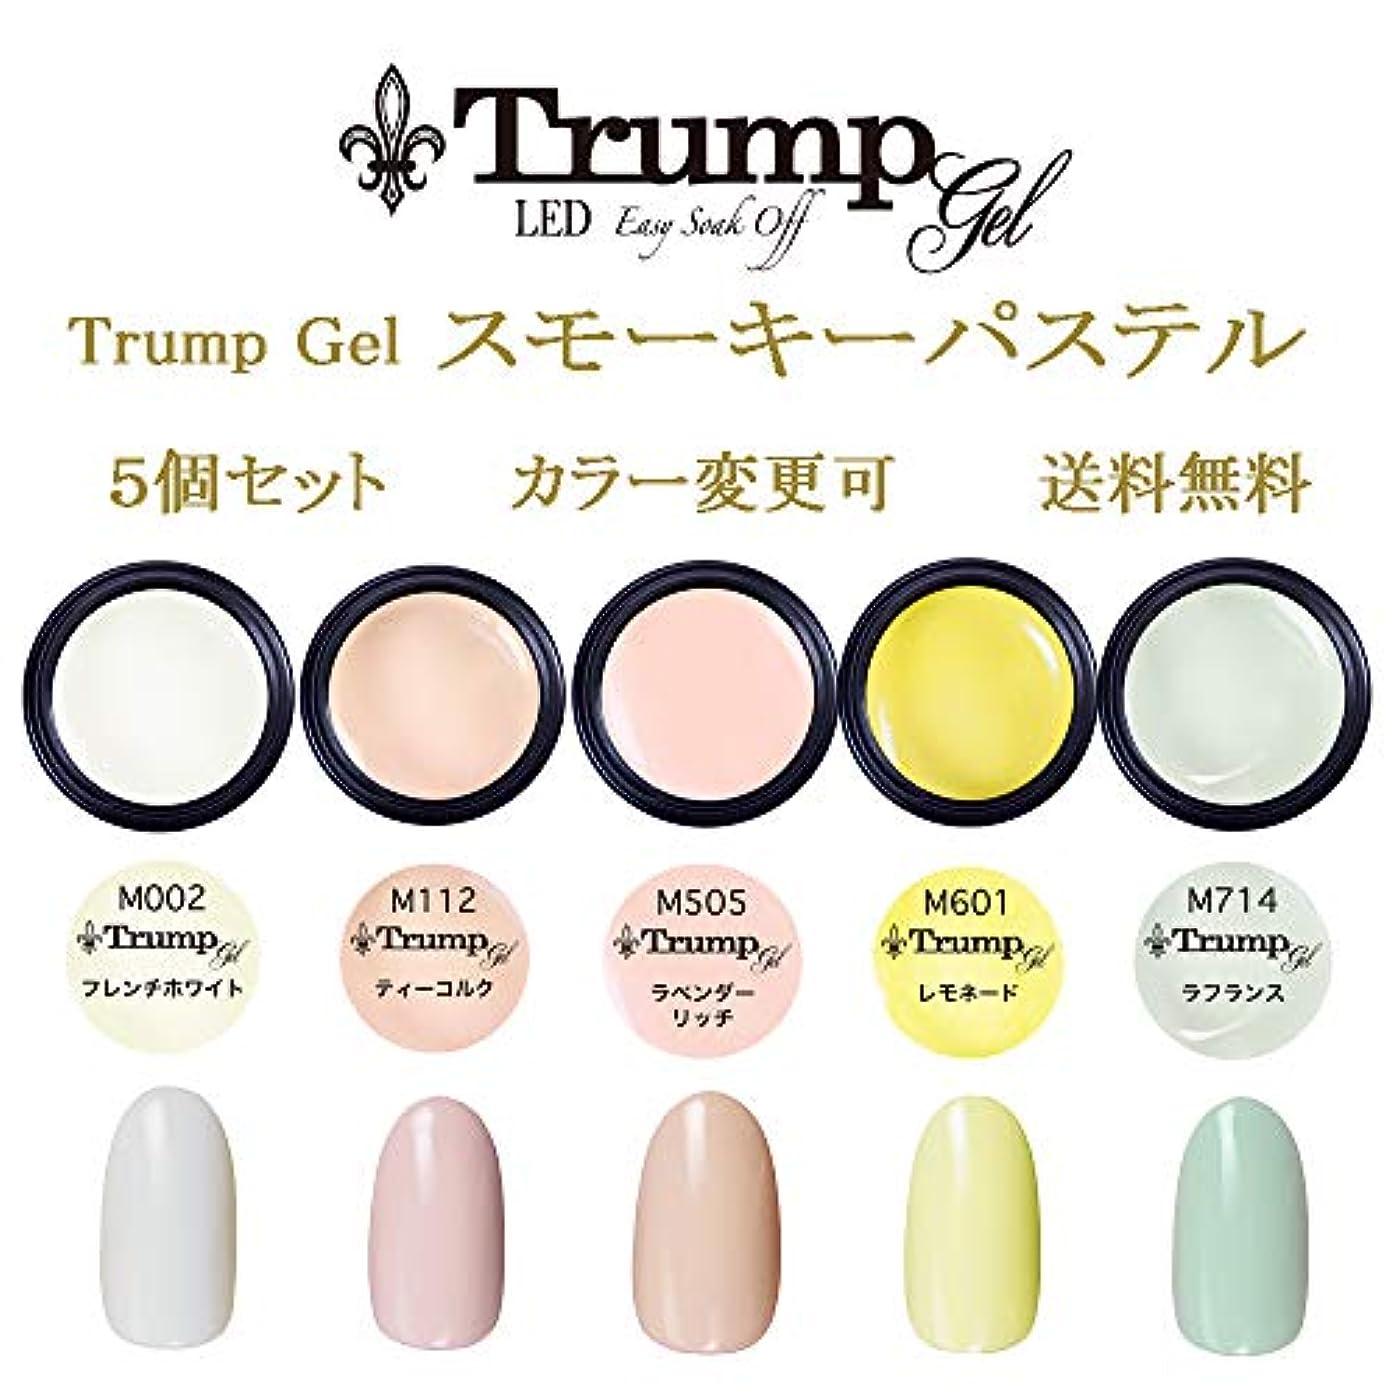 いくつかの海外でラダ日本製 Trump gel トランプジェル スモーキー パステルカラー 選べる カラージェル5個セット ホワイト ベージュ ピンク イエロー グリーン